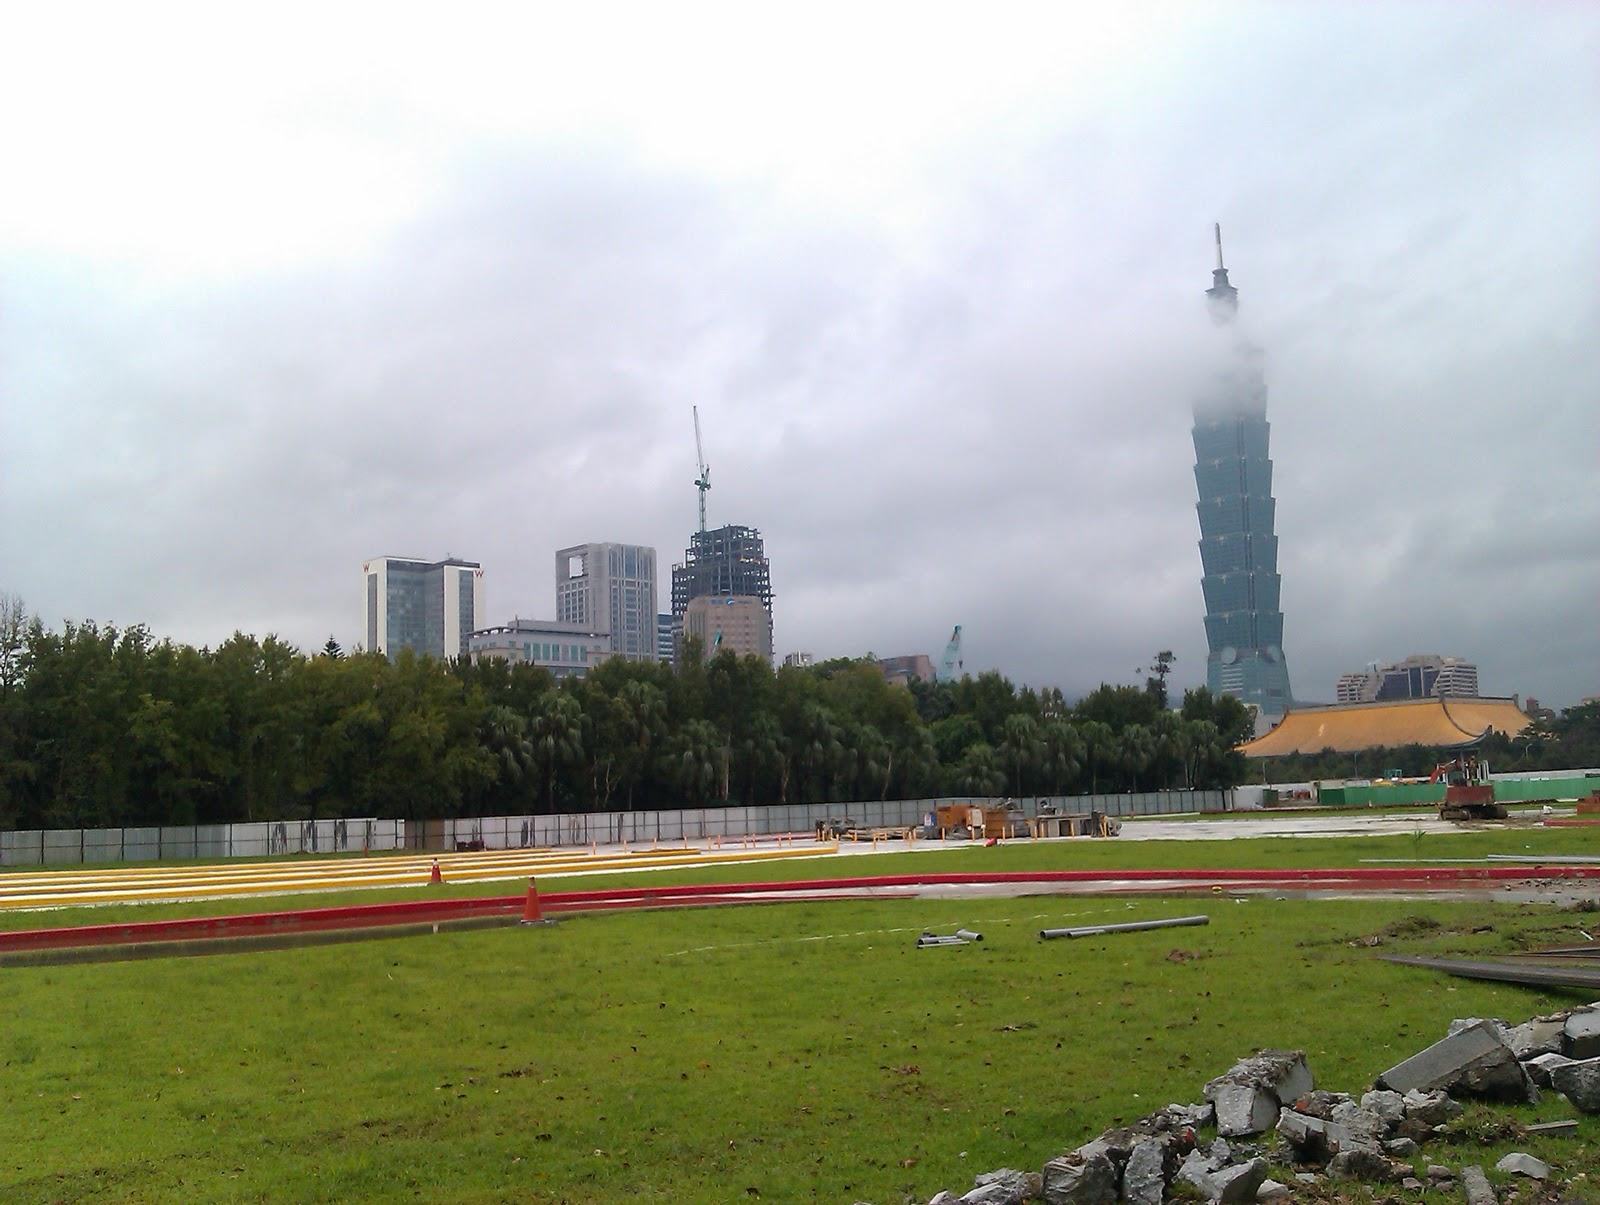 CMC's Blog: 從倫敦都市公園到臺北大巨蛋的聯想